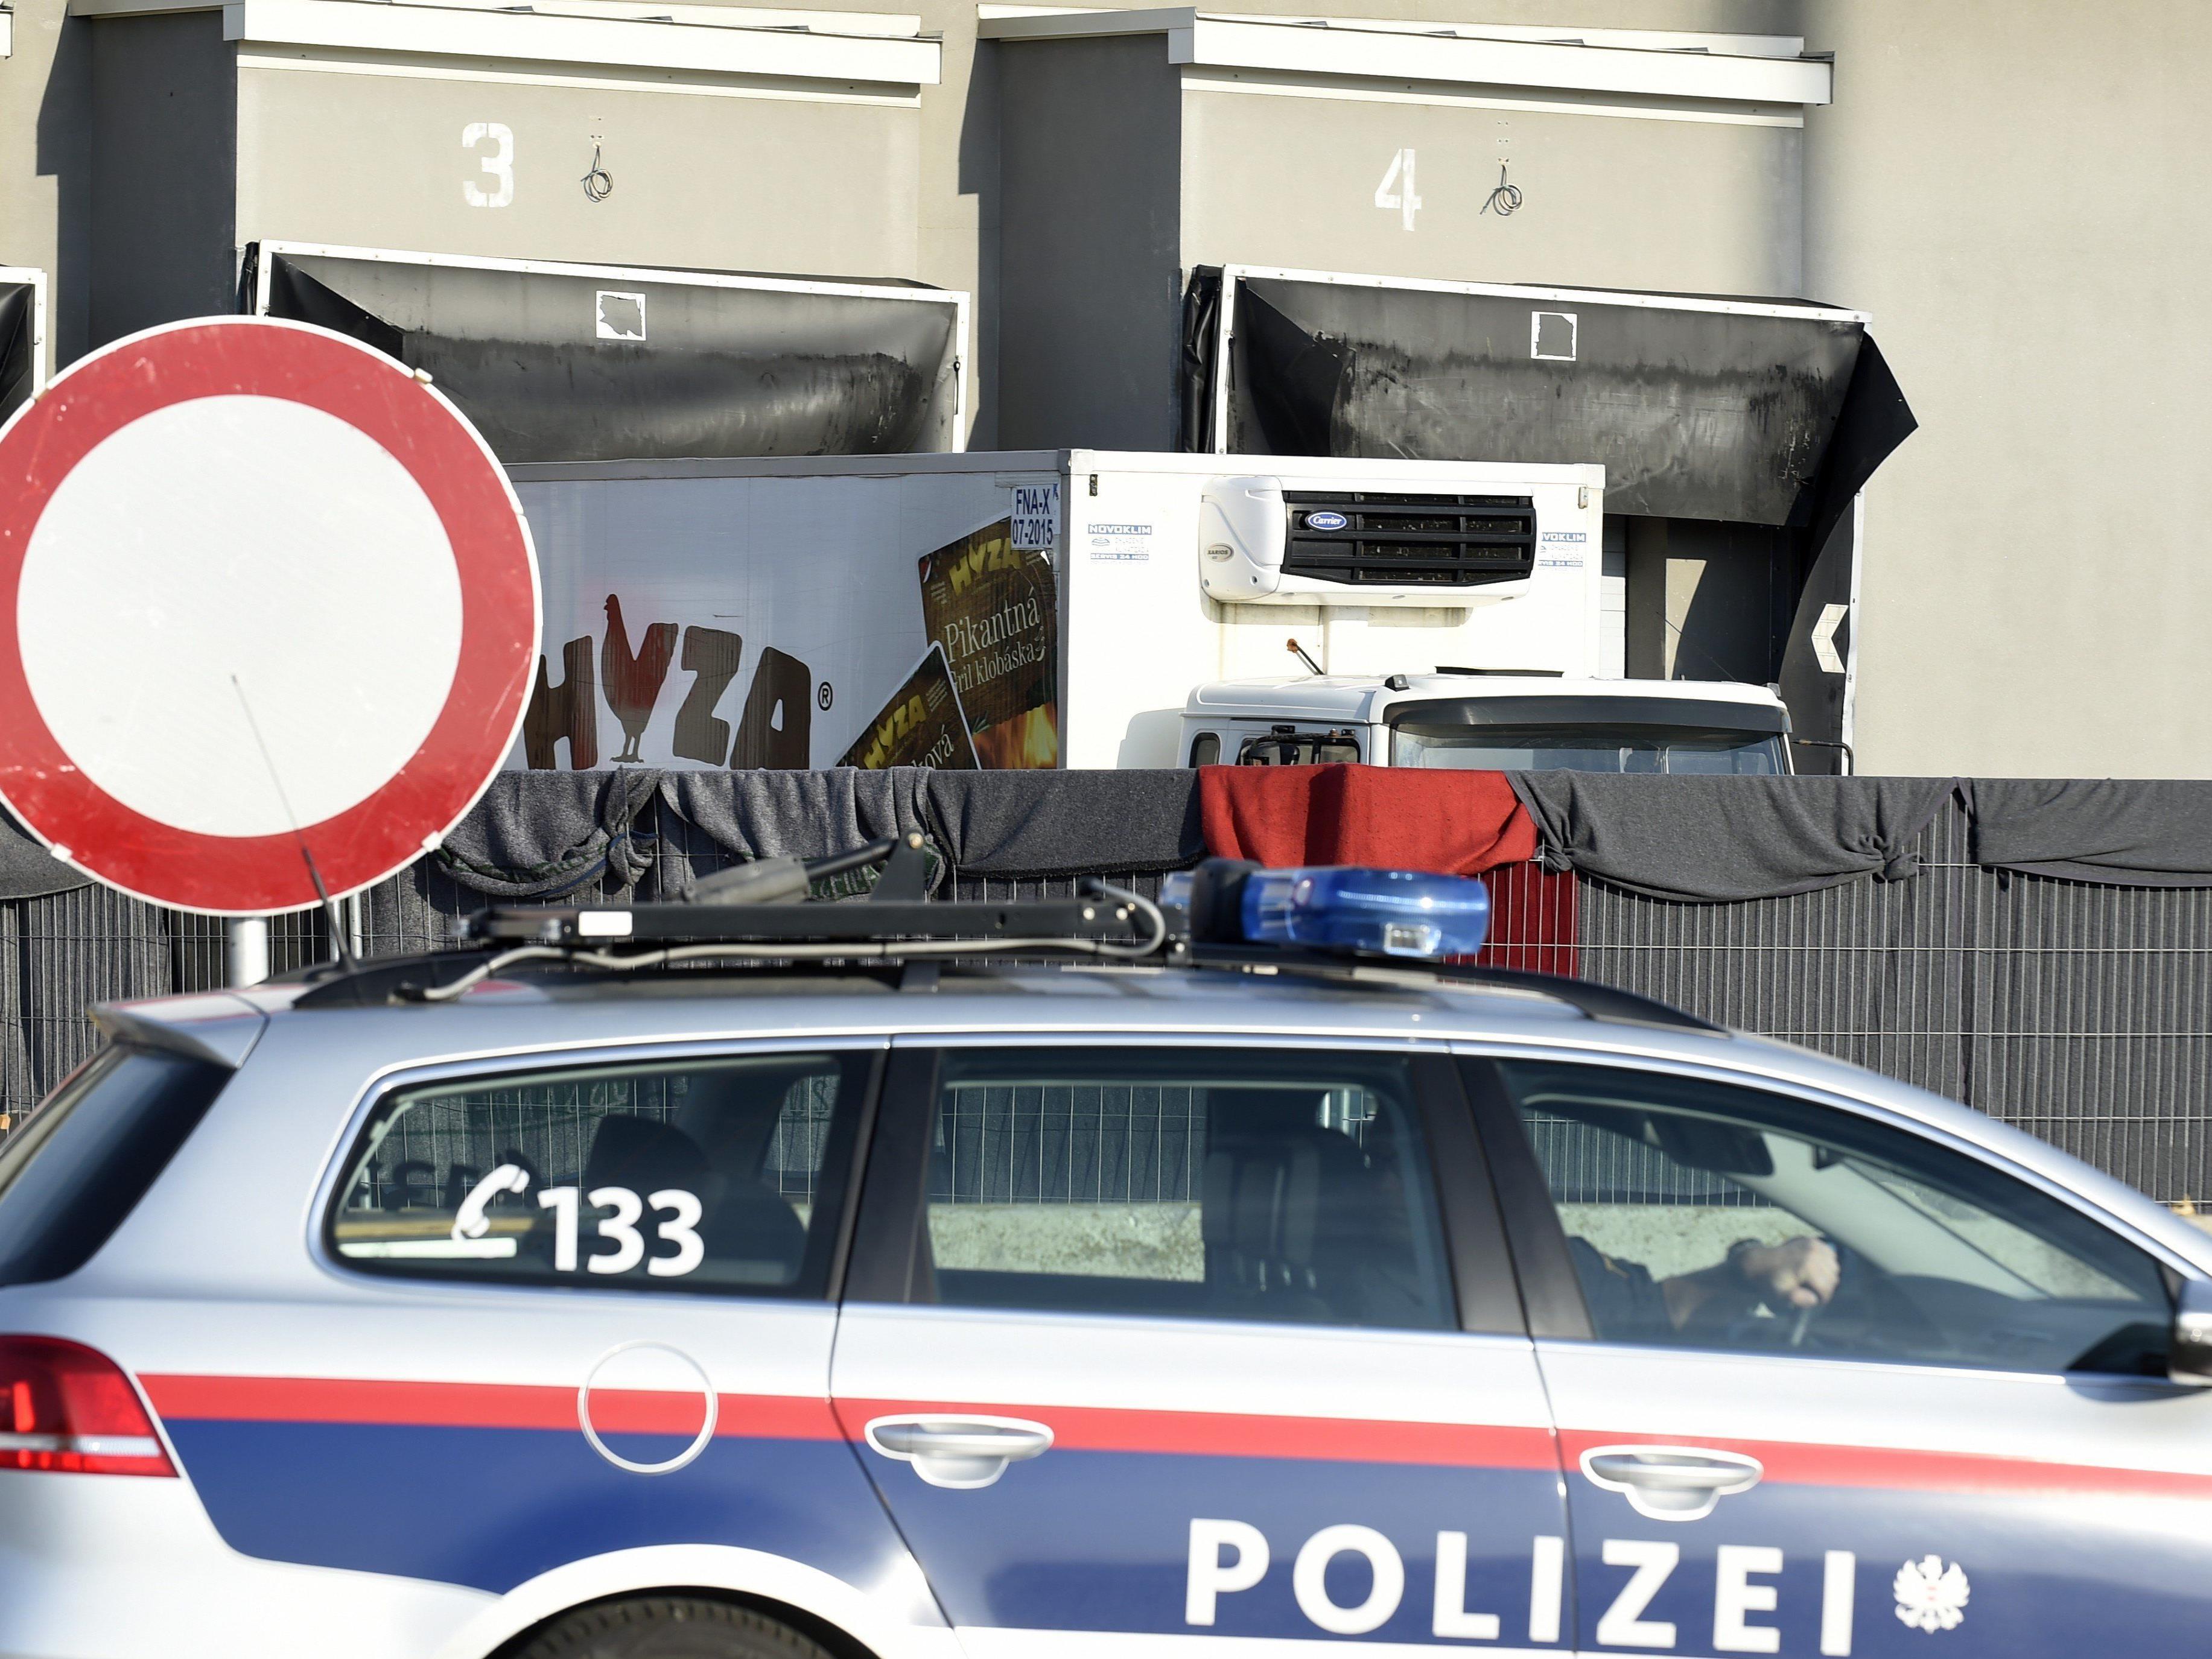 Zwei weitere Verdächtige wurden verhaftet.